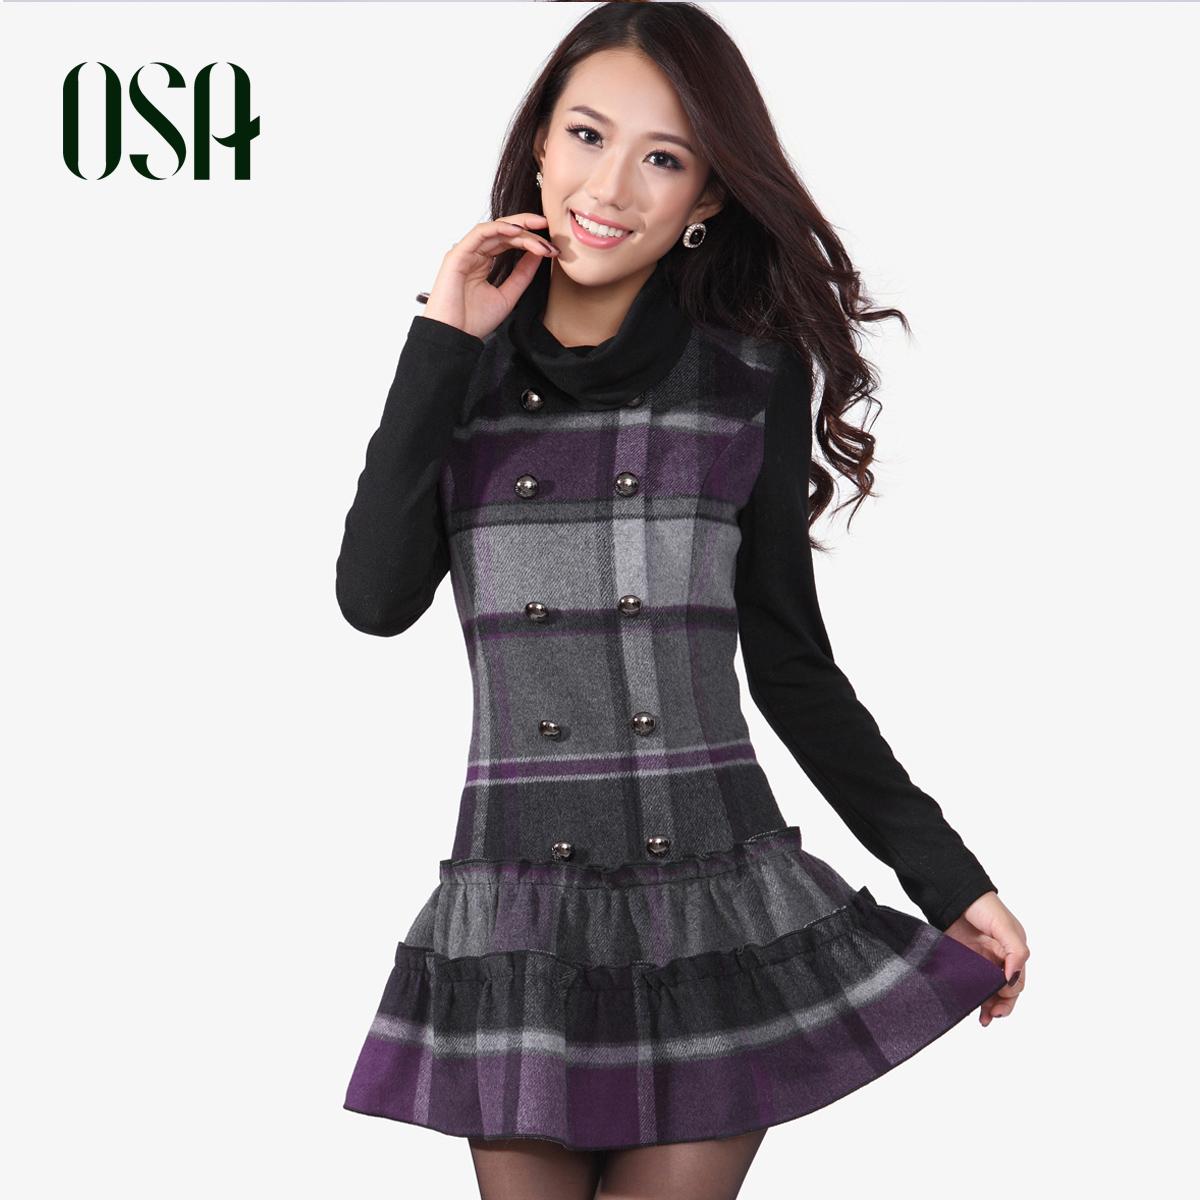 Женское платье OSA sl22812 OSA2012 48.8 L22812